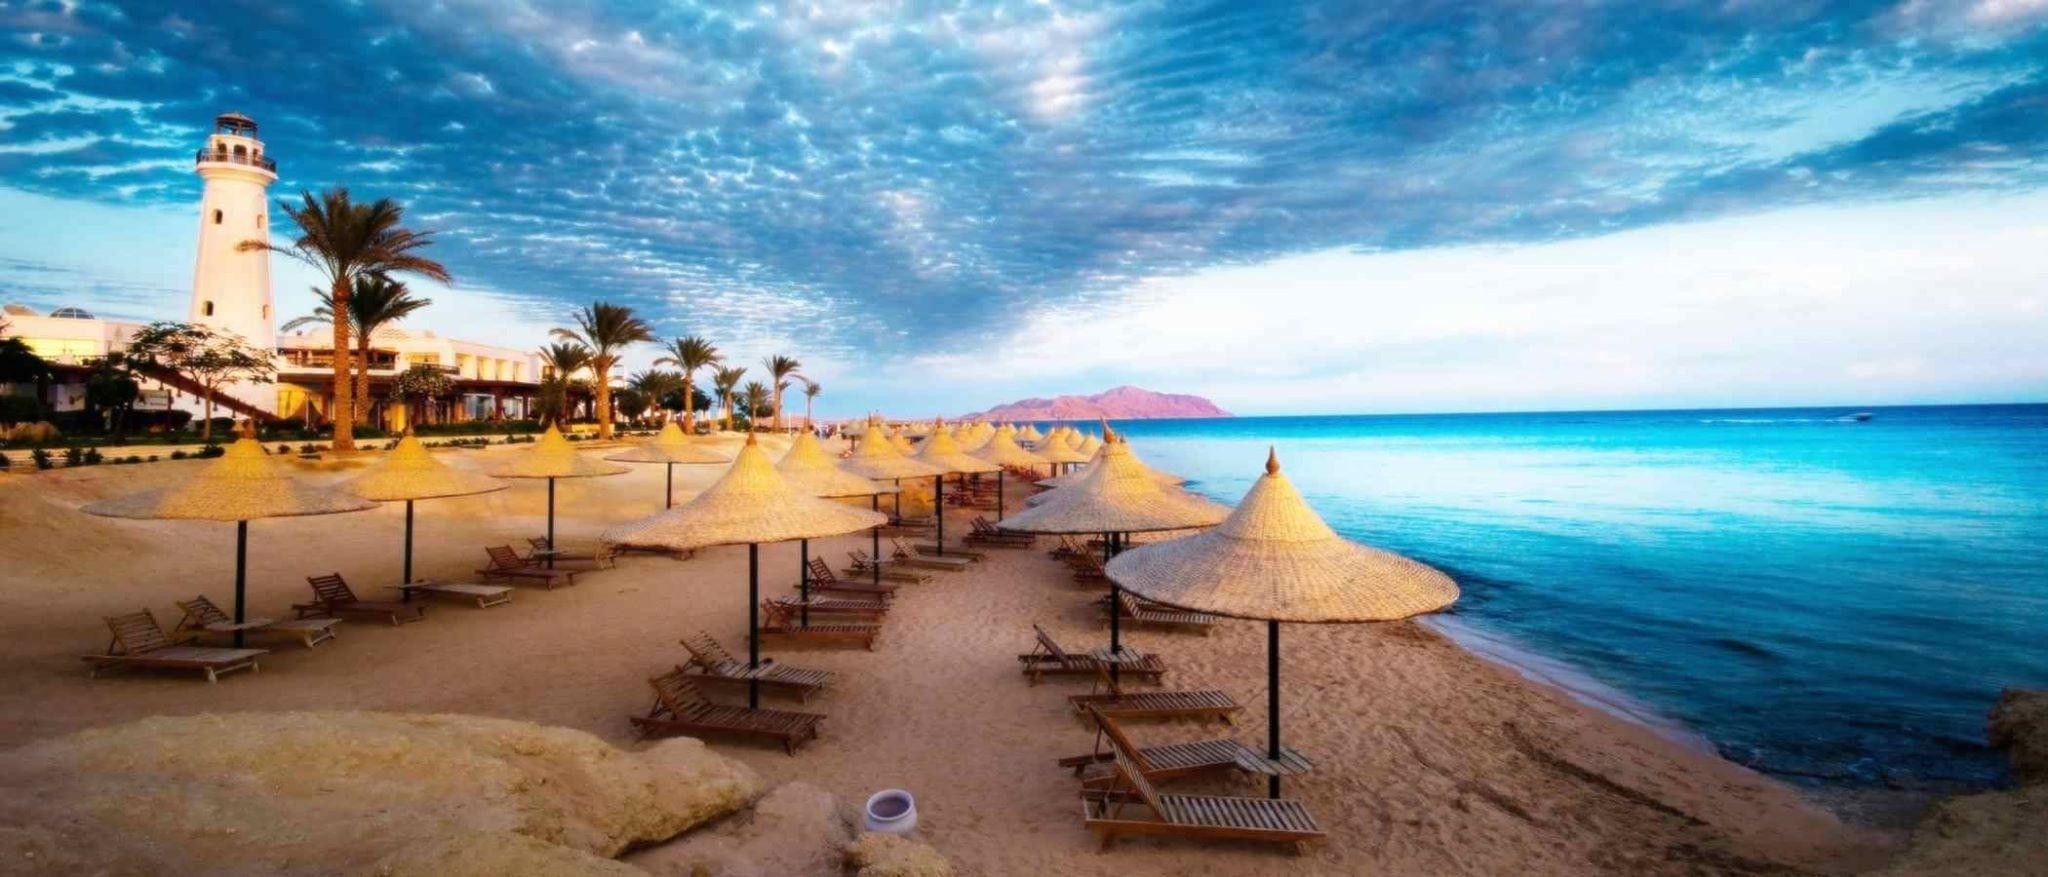 اهمية السياحة فى مصر